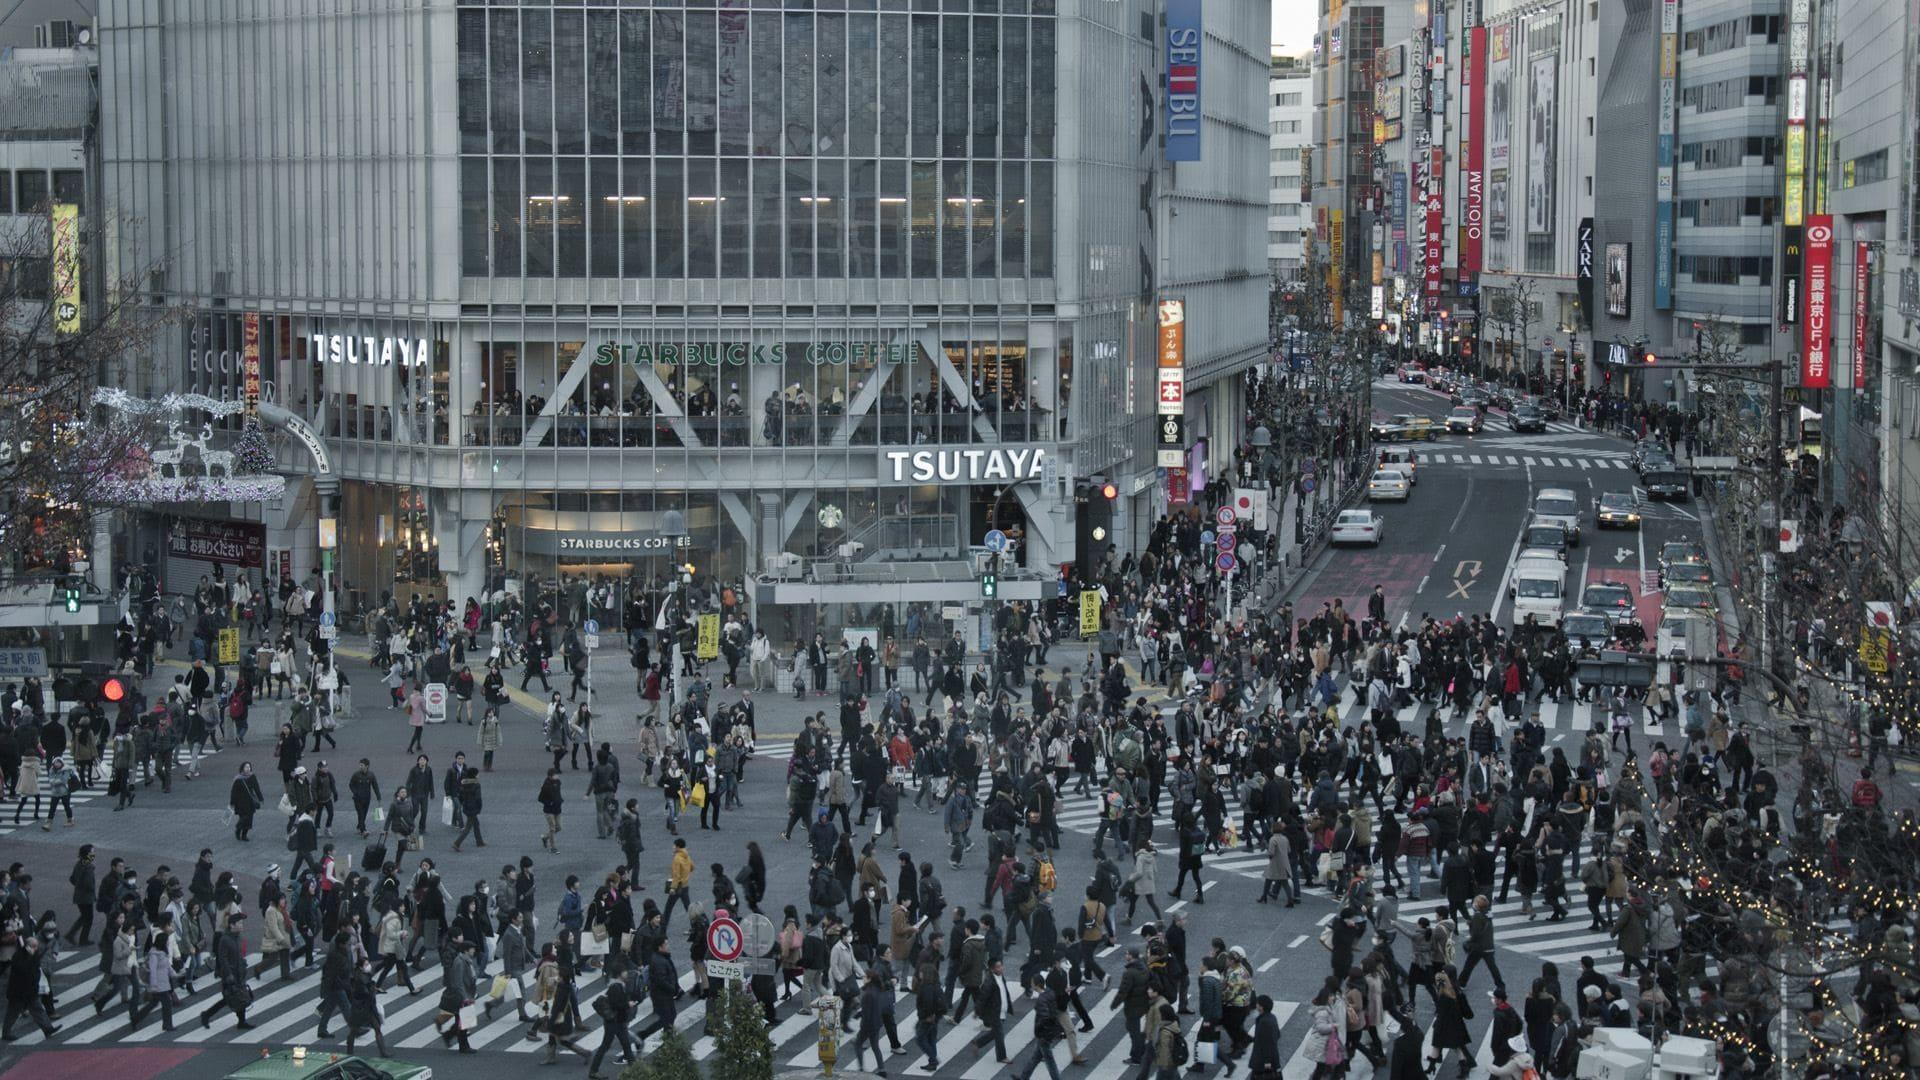 Cruce del barrio de Shibuya en Tokyo